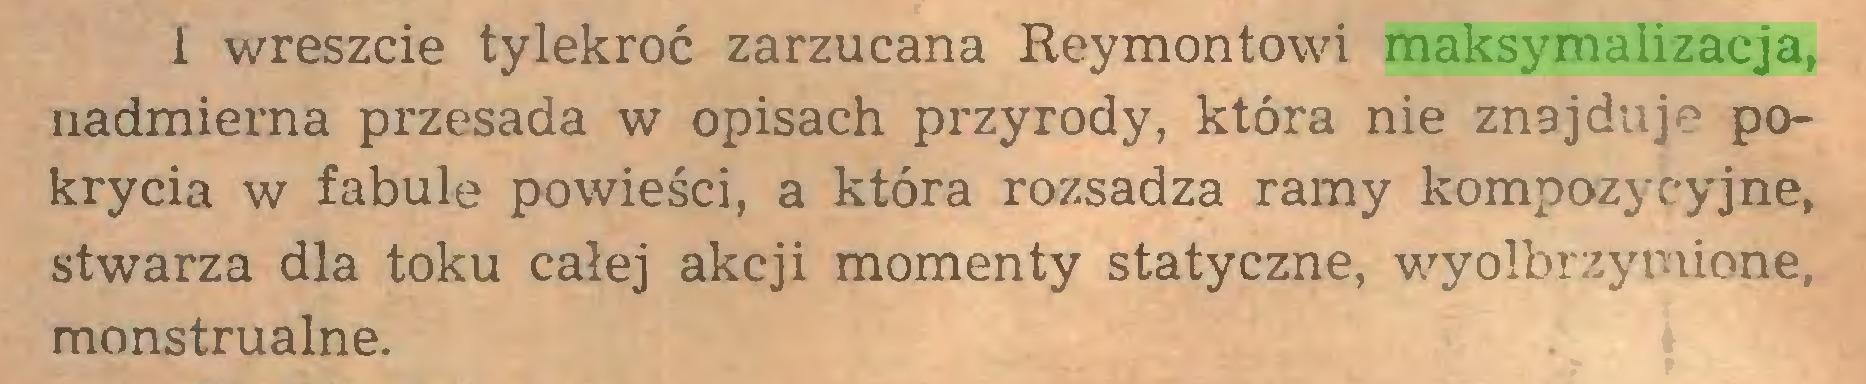 (...) i wreszcie tylekroć zarzucana Reymontowi maksymalizacja, nadmierna przesada w opisach przyrody, która nie znajduje pokrycia w fabule powieści, a która rozsadza ramy kompozycyjne, stwarza dla toku całej akcji momenty statyczne, wyolbrzymione, monstrualne...